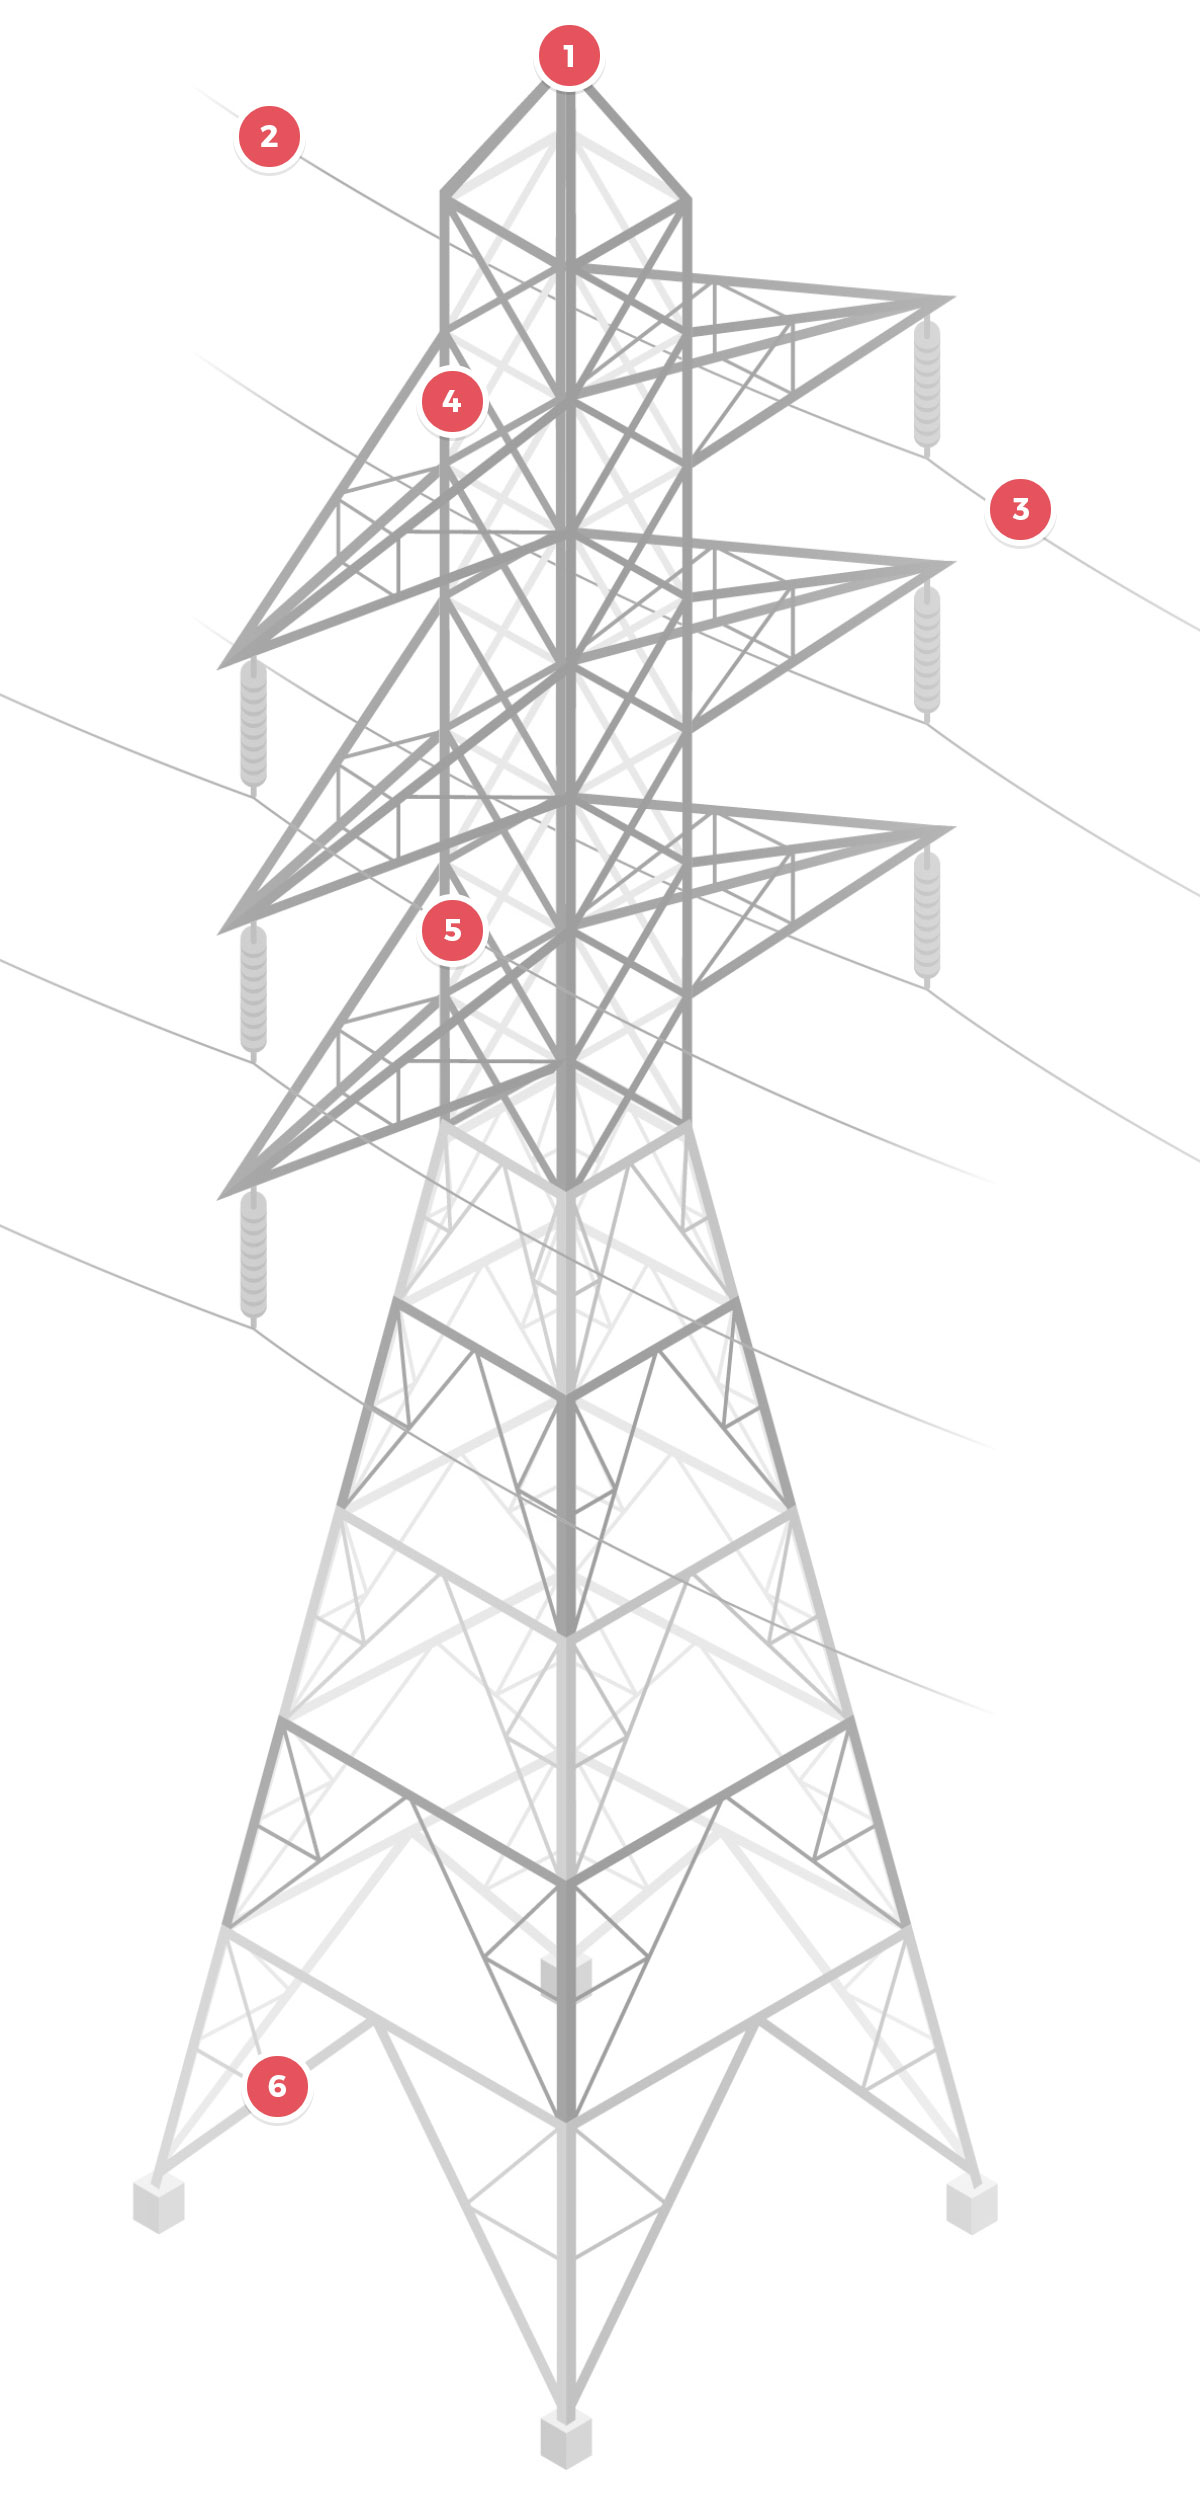 delta-box_applications_balisage-aerien-pour-lignes-hautes-tensions-schema-visuel